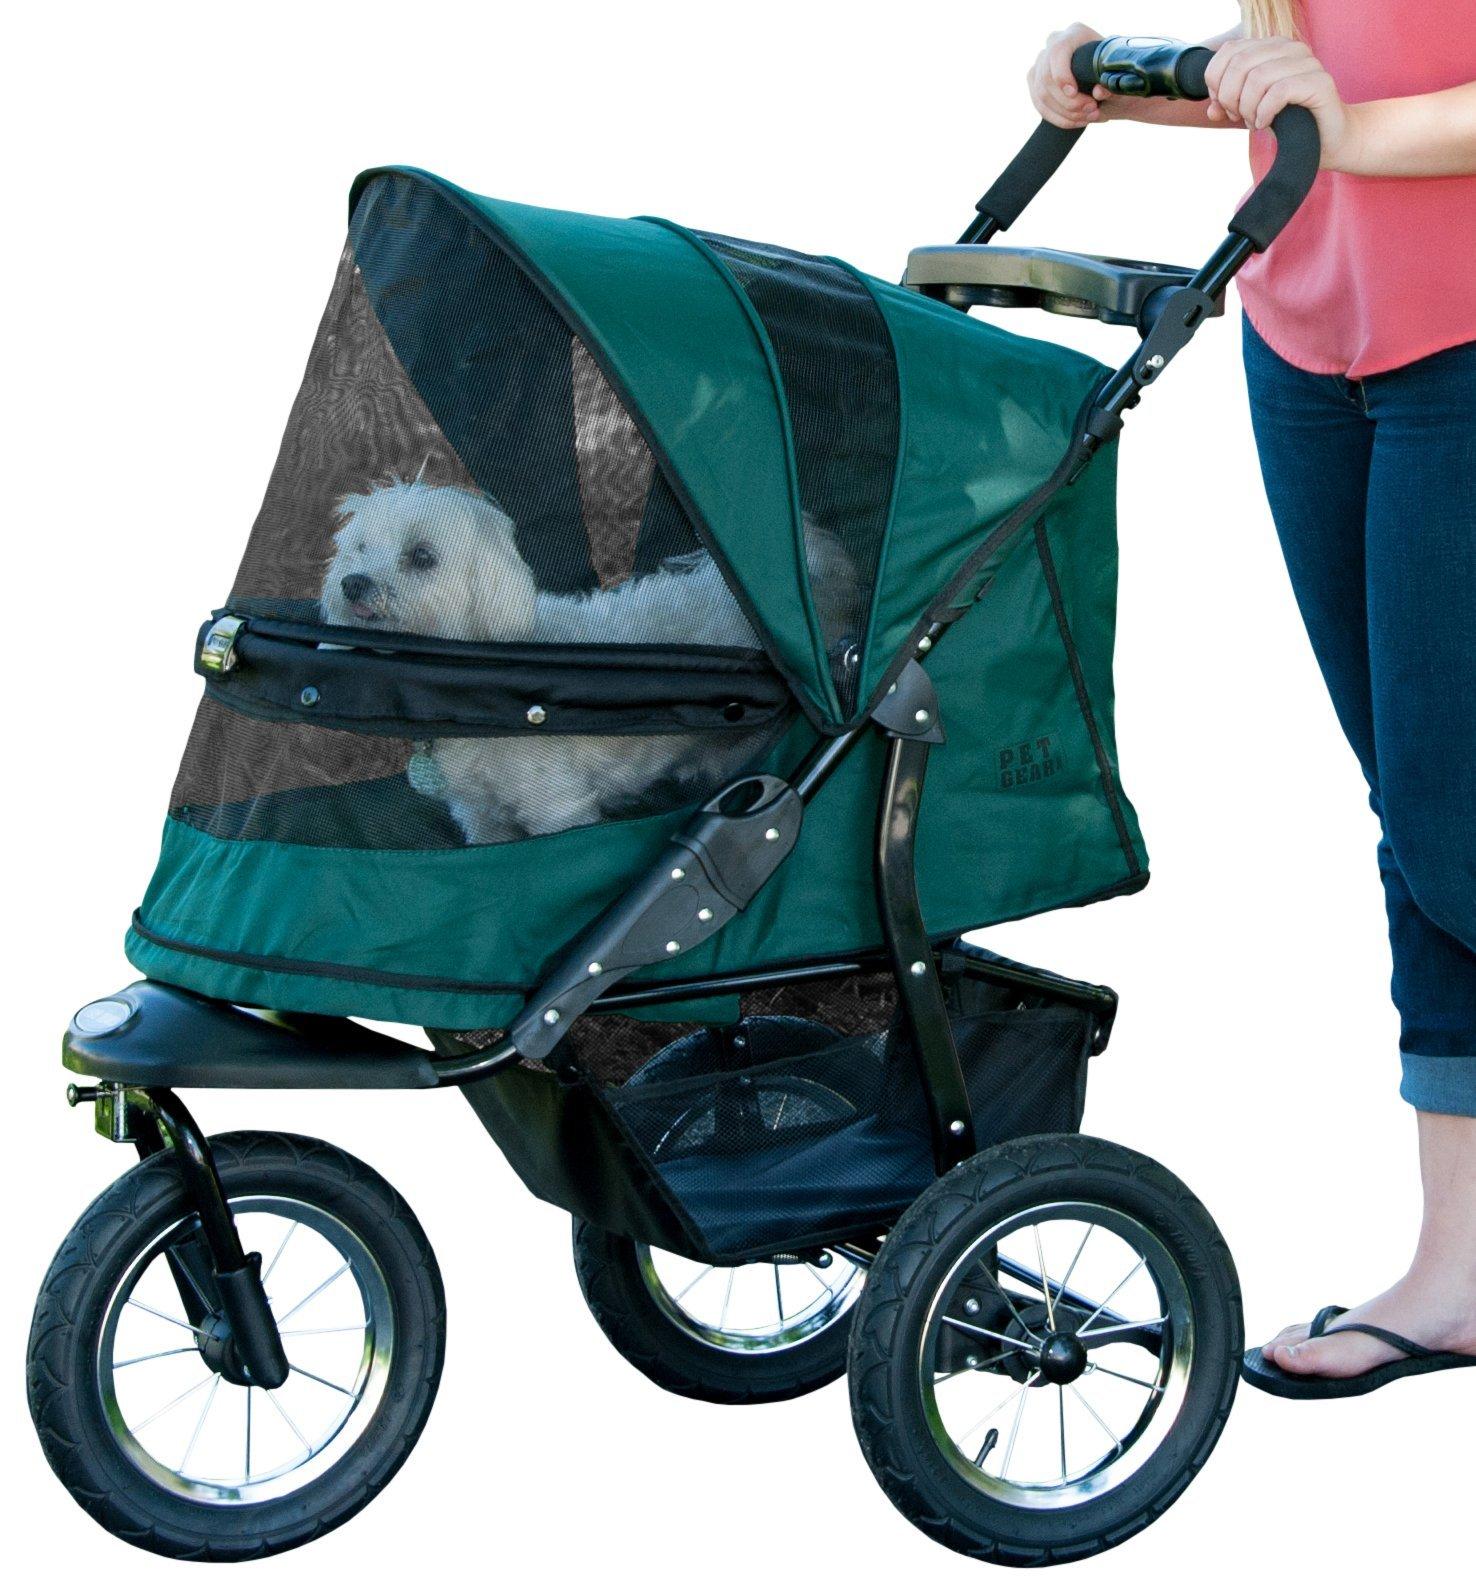 Pet Gear No-Zip Jogger Pet Stroller, Zipperless Entry, Forest Green